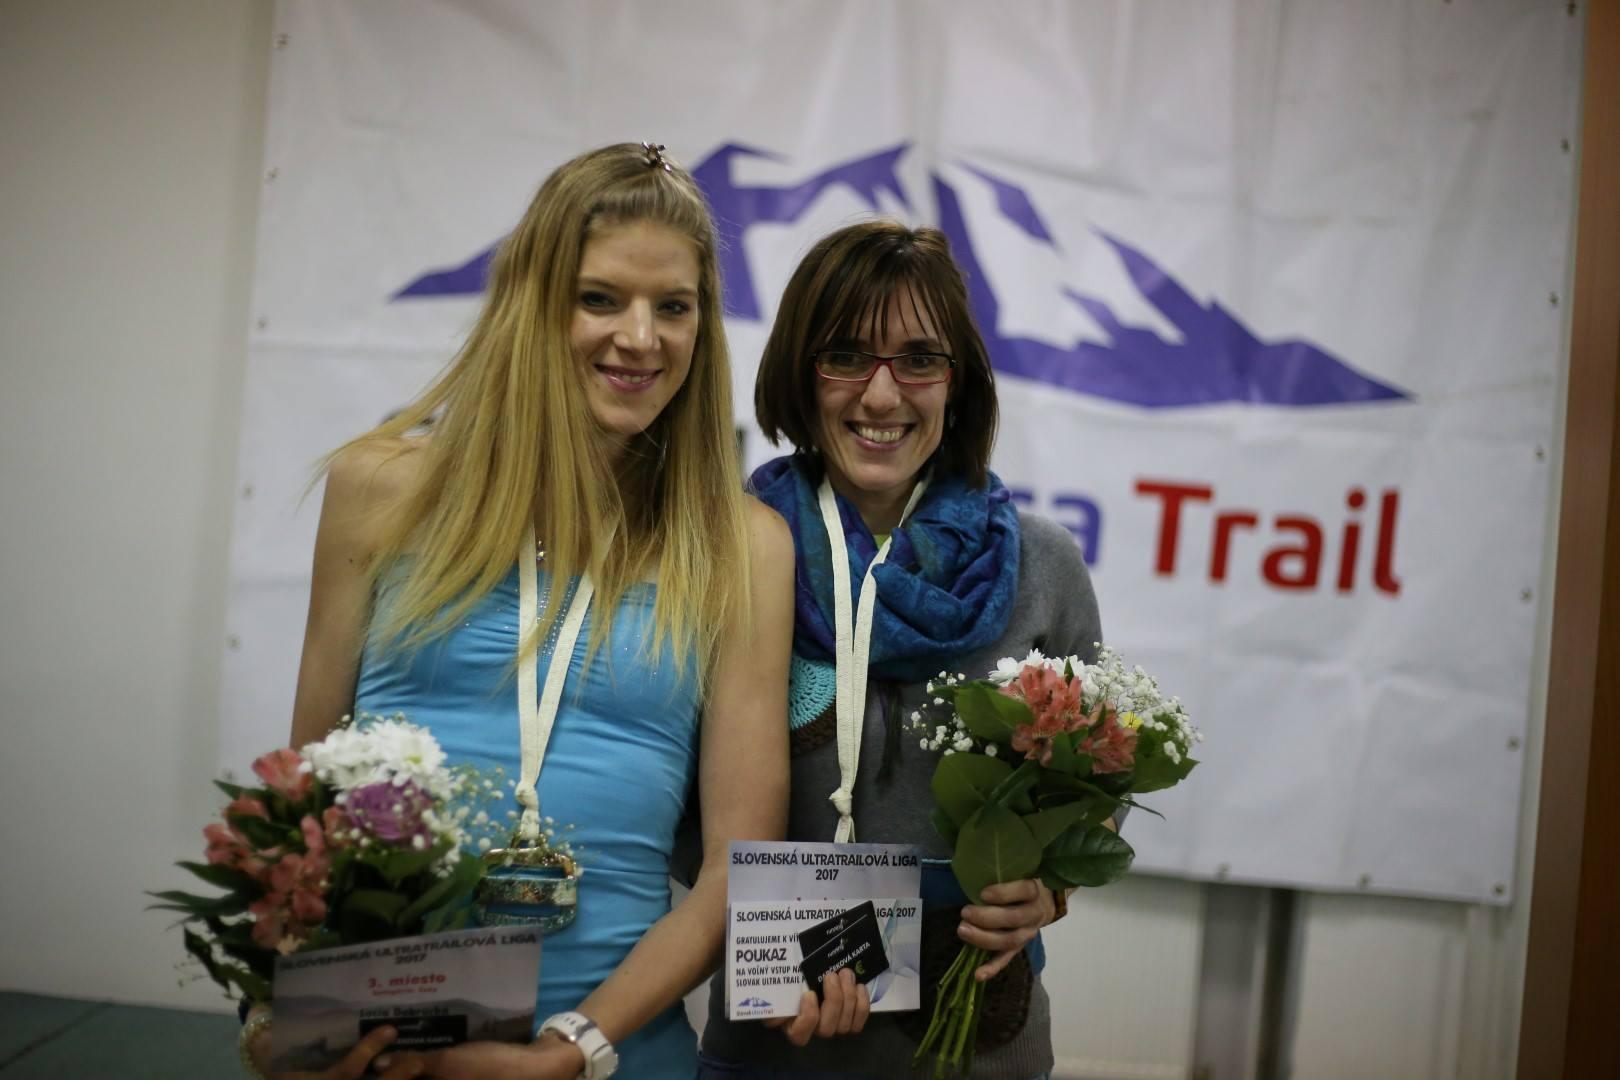 Expresky z hôr 91 - Víťazky (Gabriela Ambrušová a Lucia Dobrucká) Slovenskej Ultratrailovej Ligy 2017, zdroj: FB page Slovak Ultra Trail